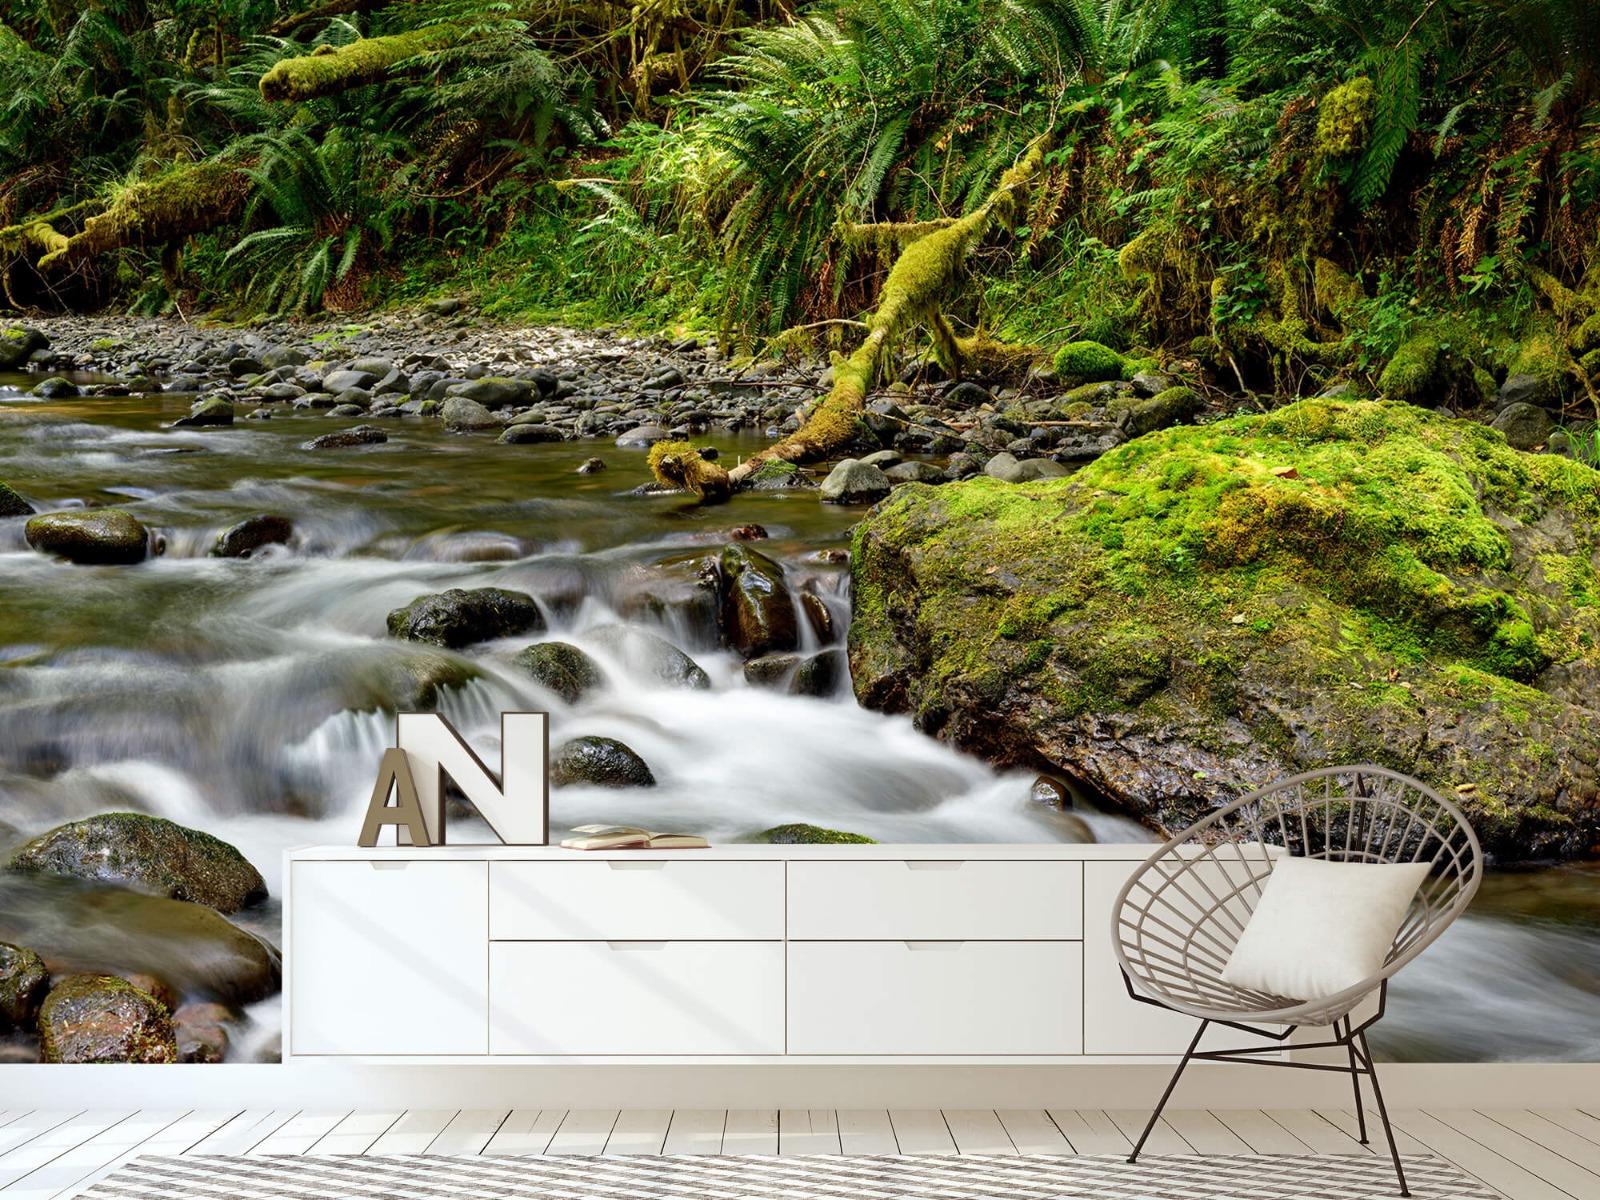 Meertjes en Wateren - Groen rotsblok met riviertje - Wallexclusive - Slaapkamer 23